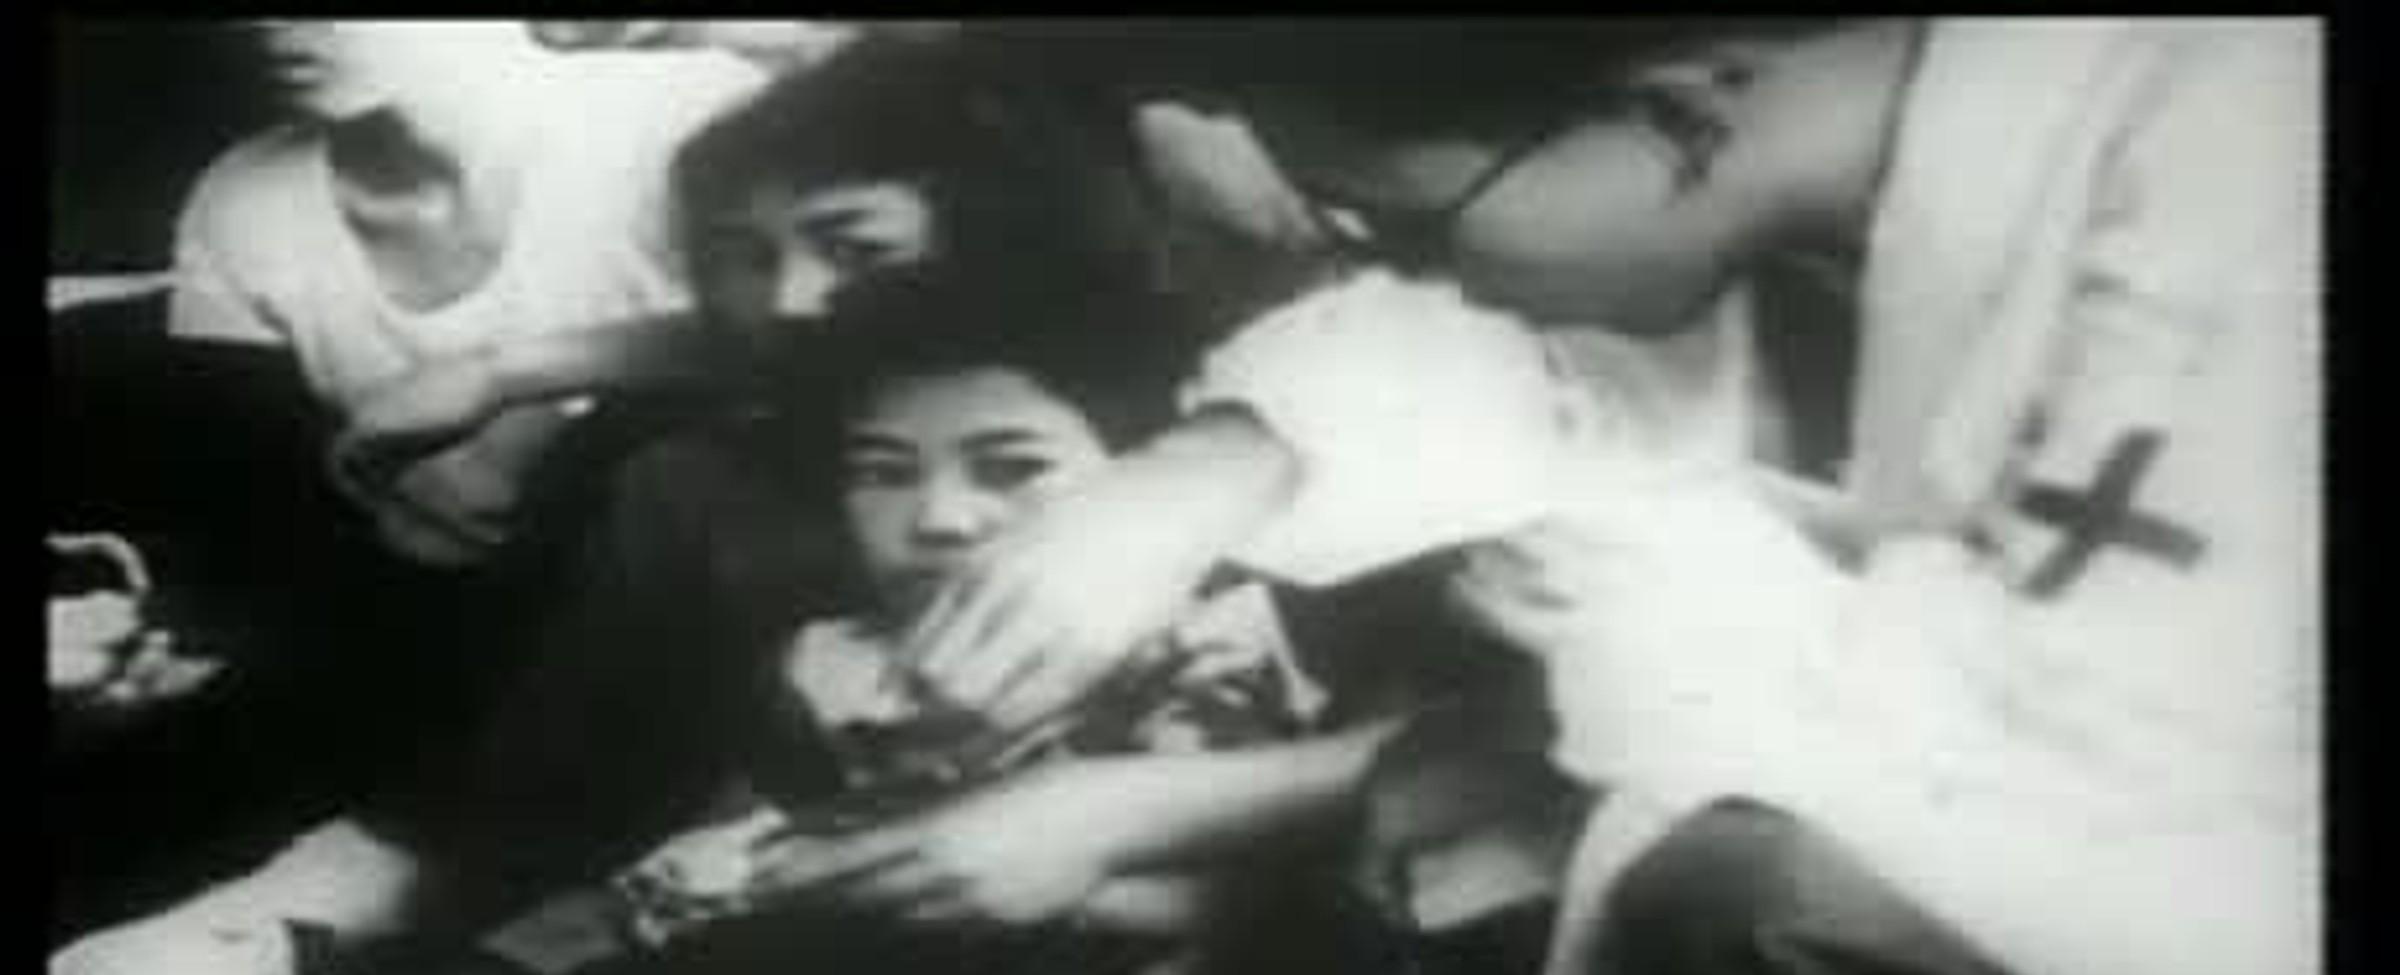 Hirošima - Nagasaki